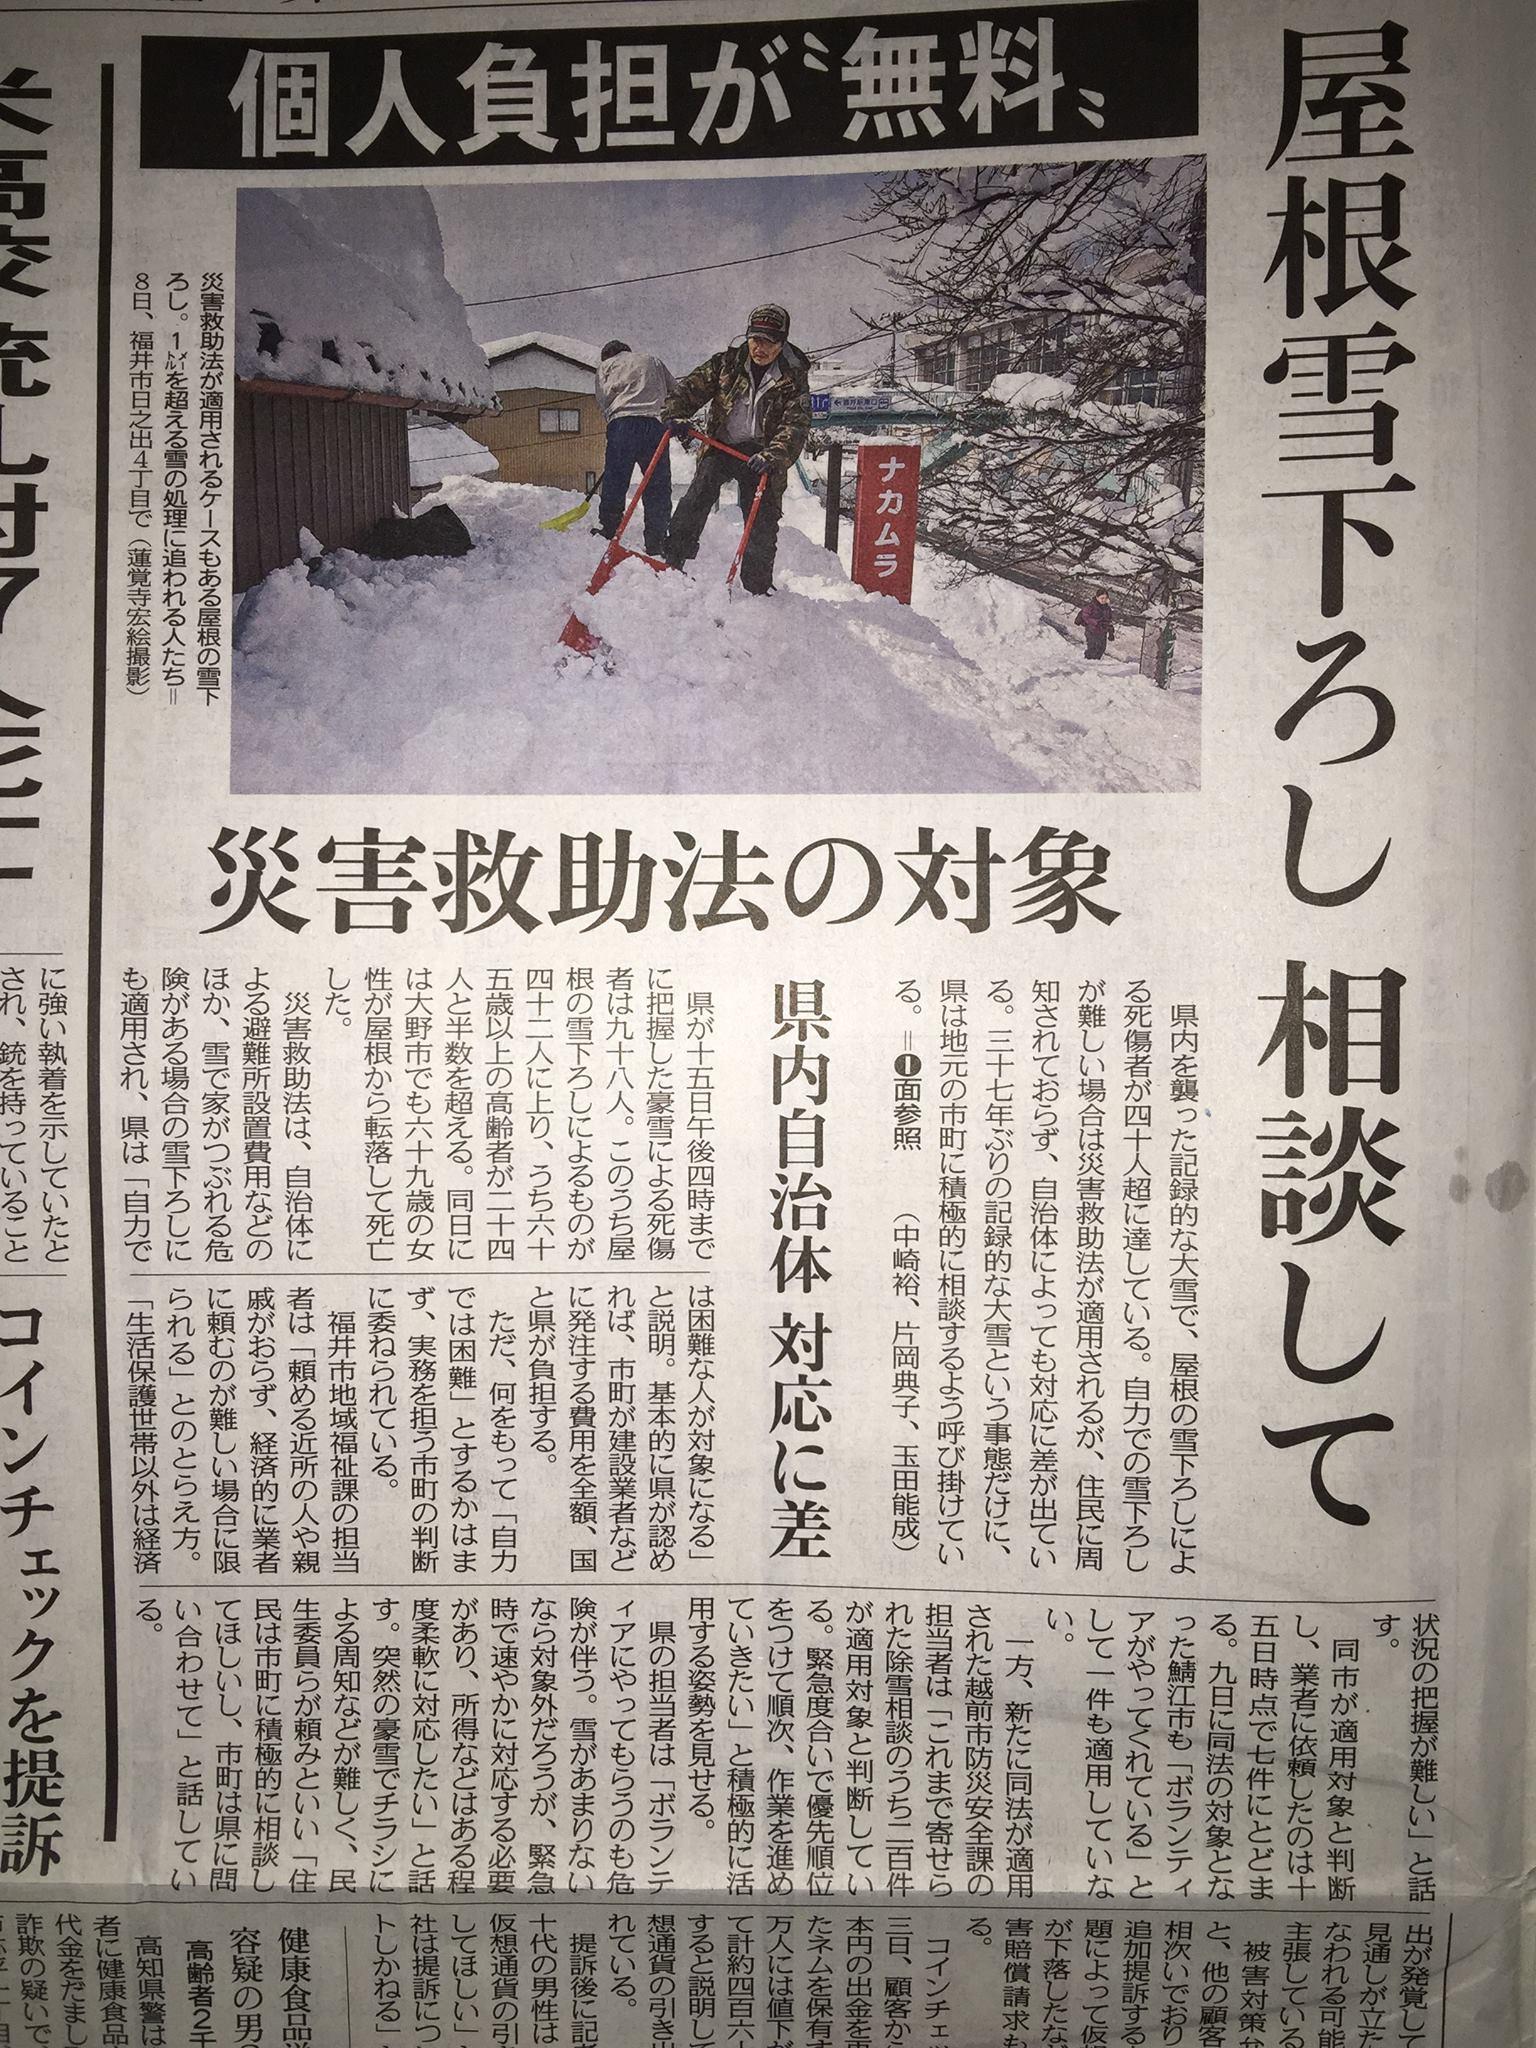 http://www.inoue-satoshi.com/diary/27907947_824287394423609_7858981103069467908_o.jpg